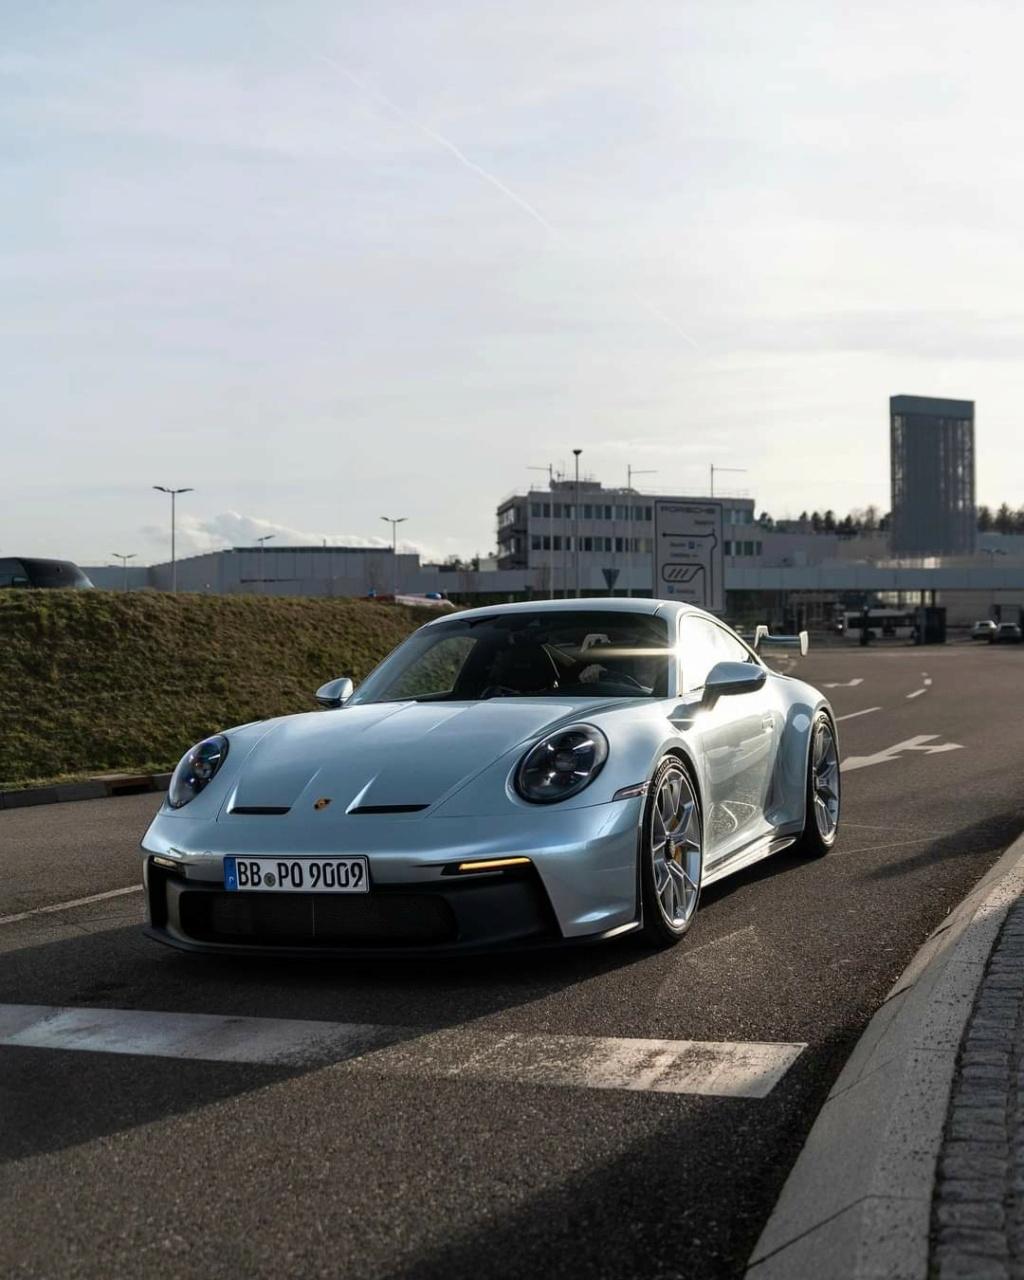 2018 - [Porsche] 911 - Page 23 Fb_im106